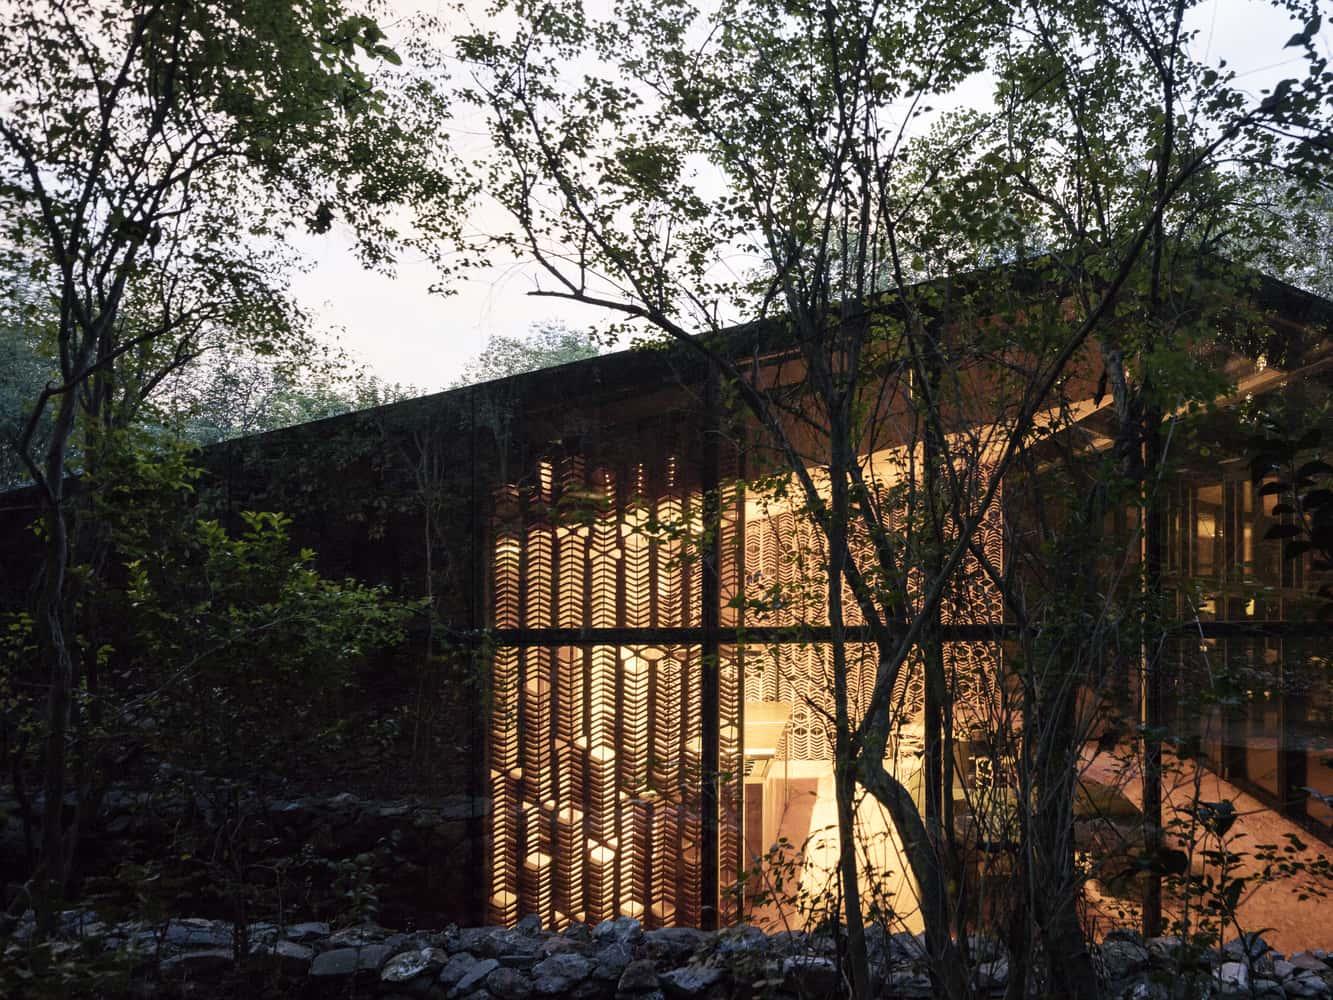 Fachada de casas modernas.